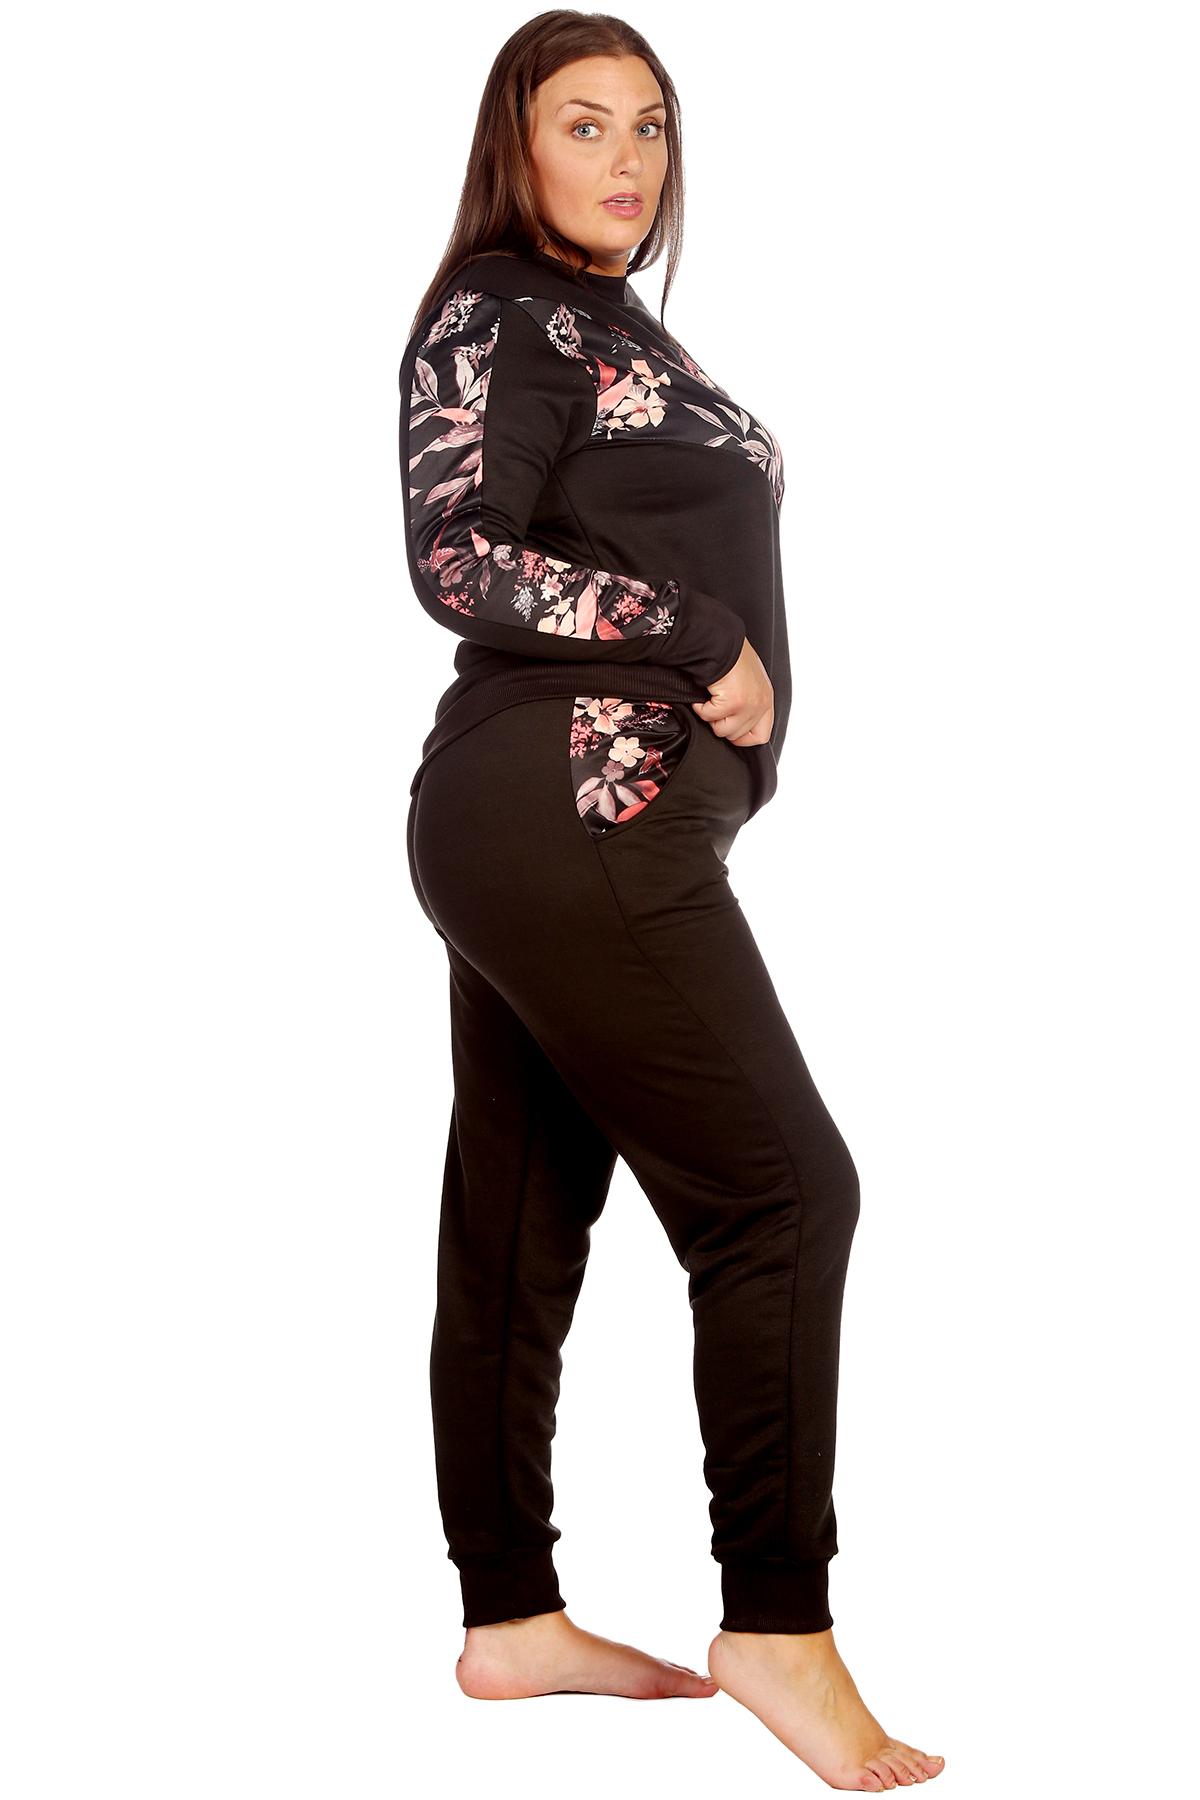 Neue Damen Übergröße Trainingsanzug Frauen Blumen Druck Vorne Knöpfe Nouvelle